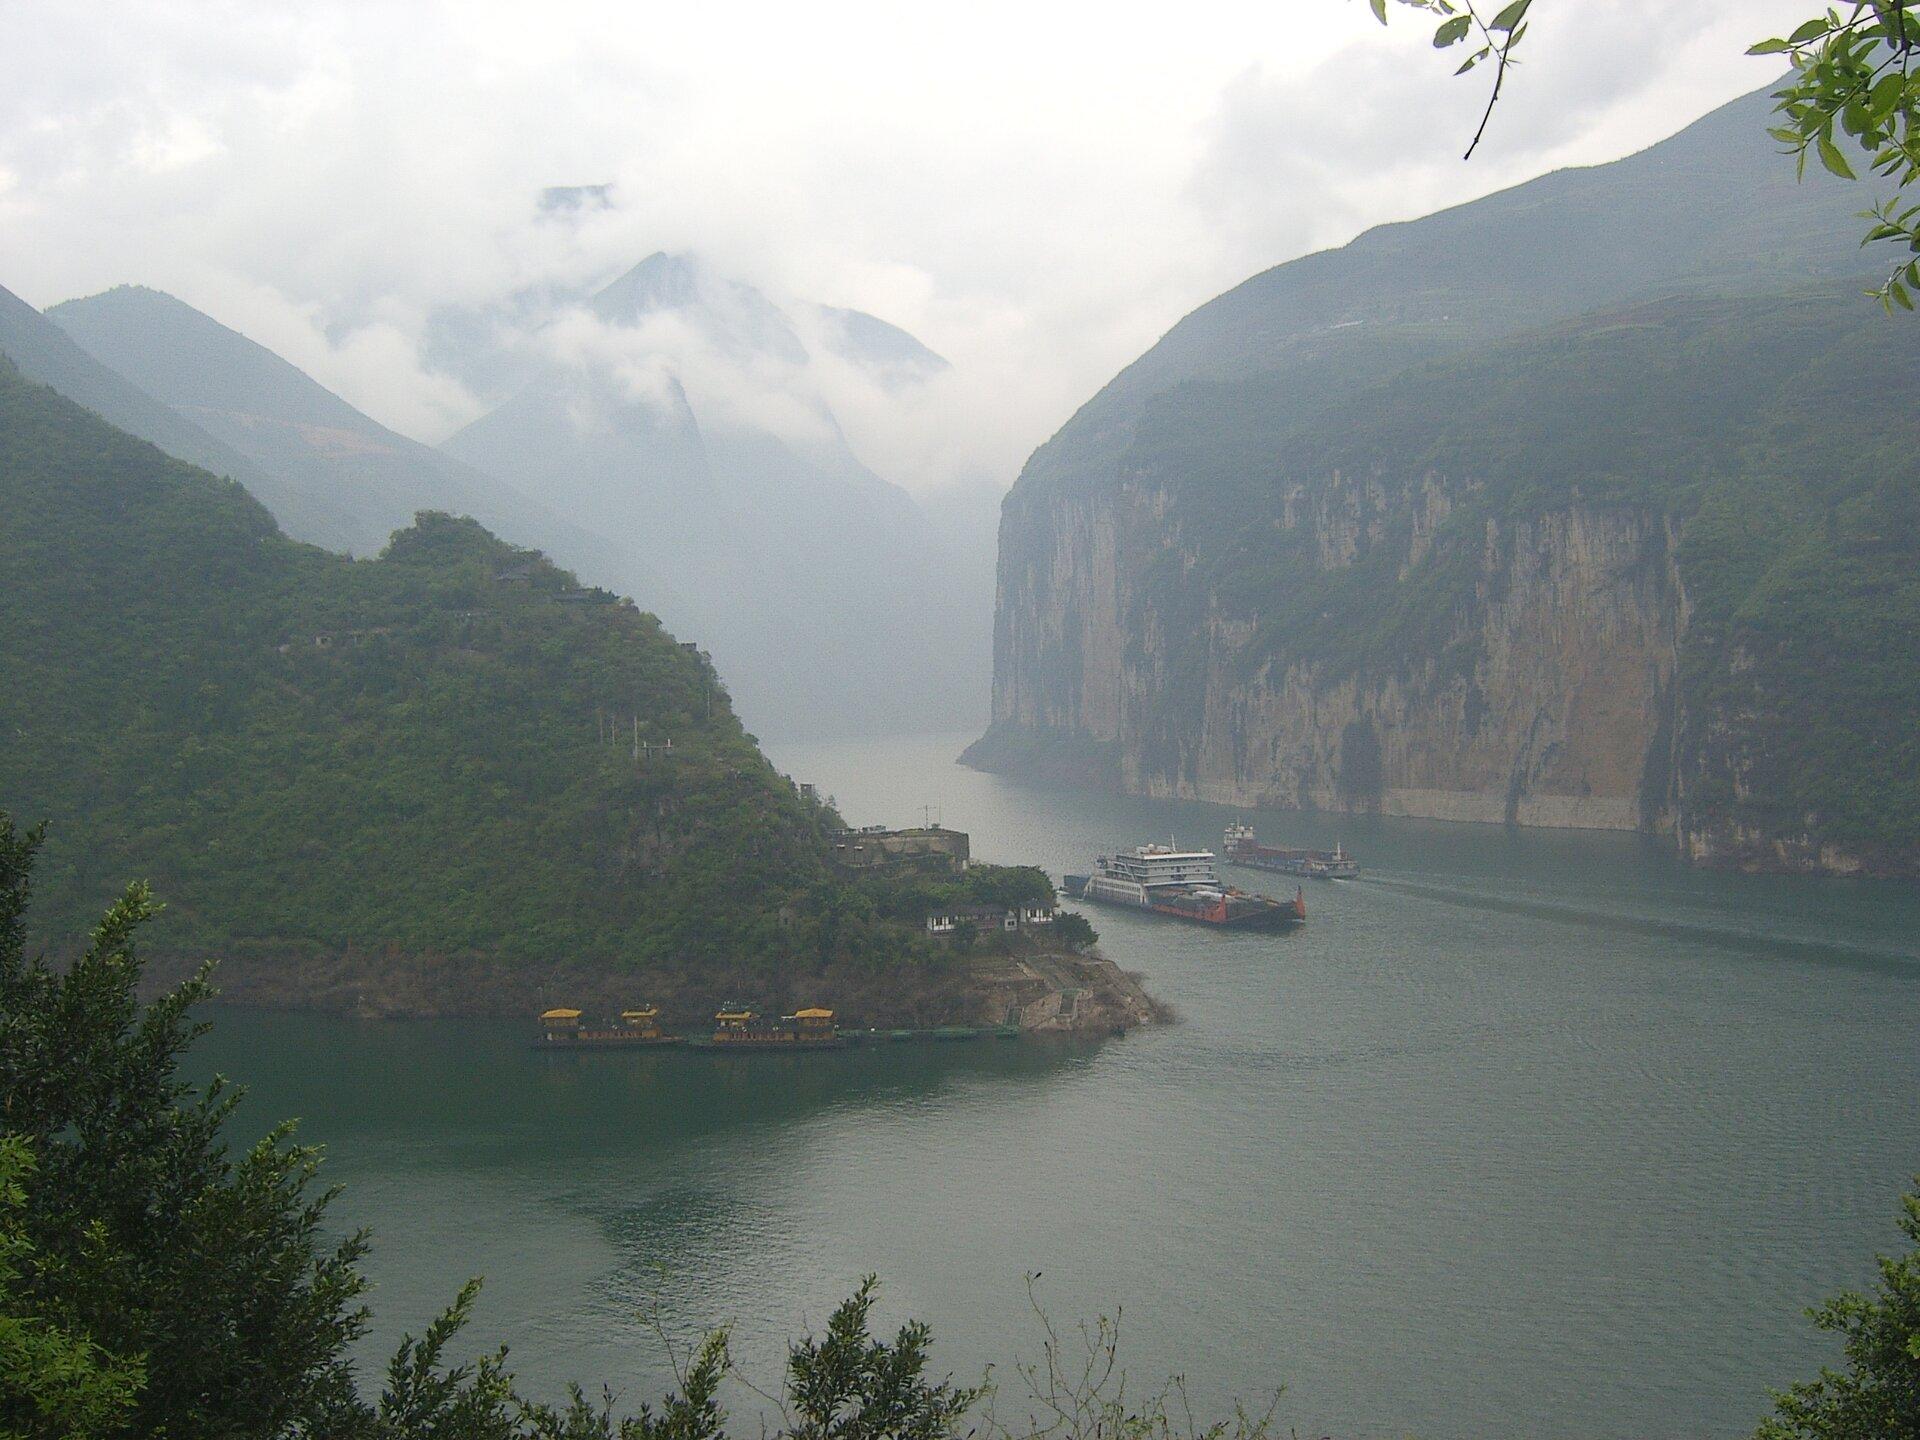 Na zdjęciu szeroka rzeka wkotlinie. Strome zbocza pokryte częściowo odsłonięte, częściowo pokryte bujną roślinnością. Po rzece płyną statki.